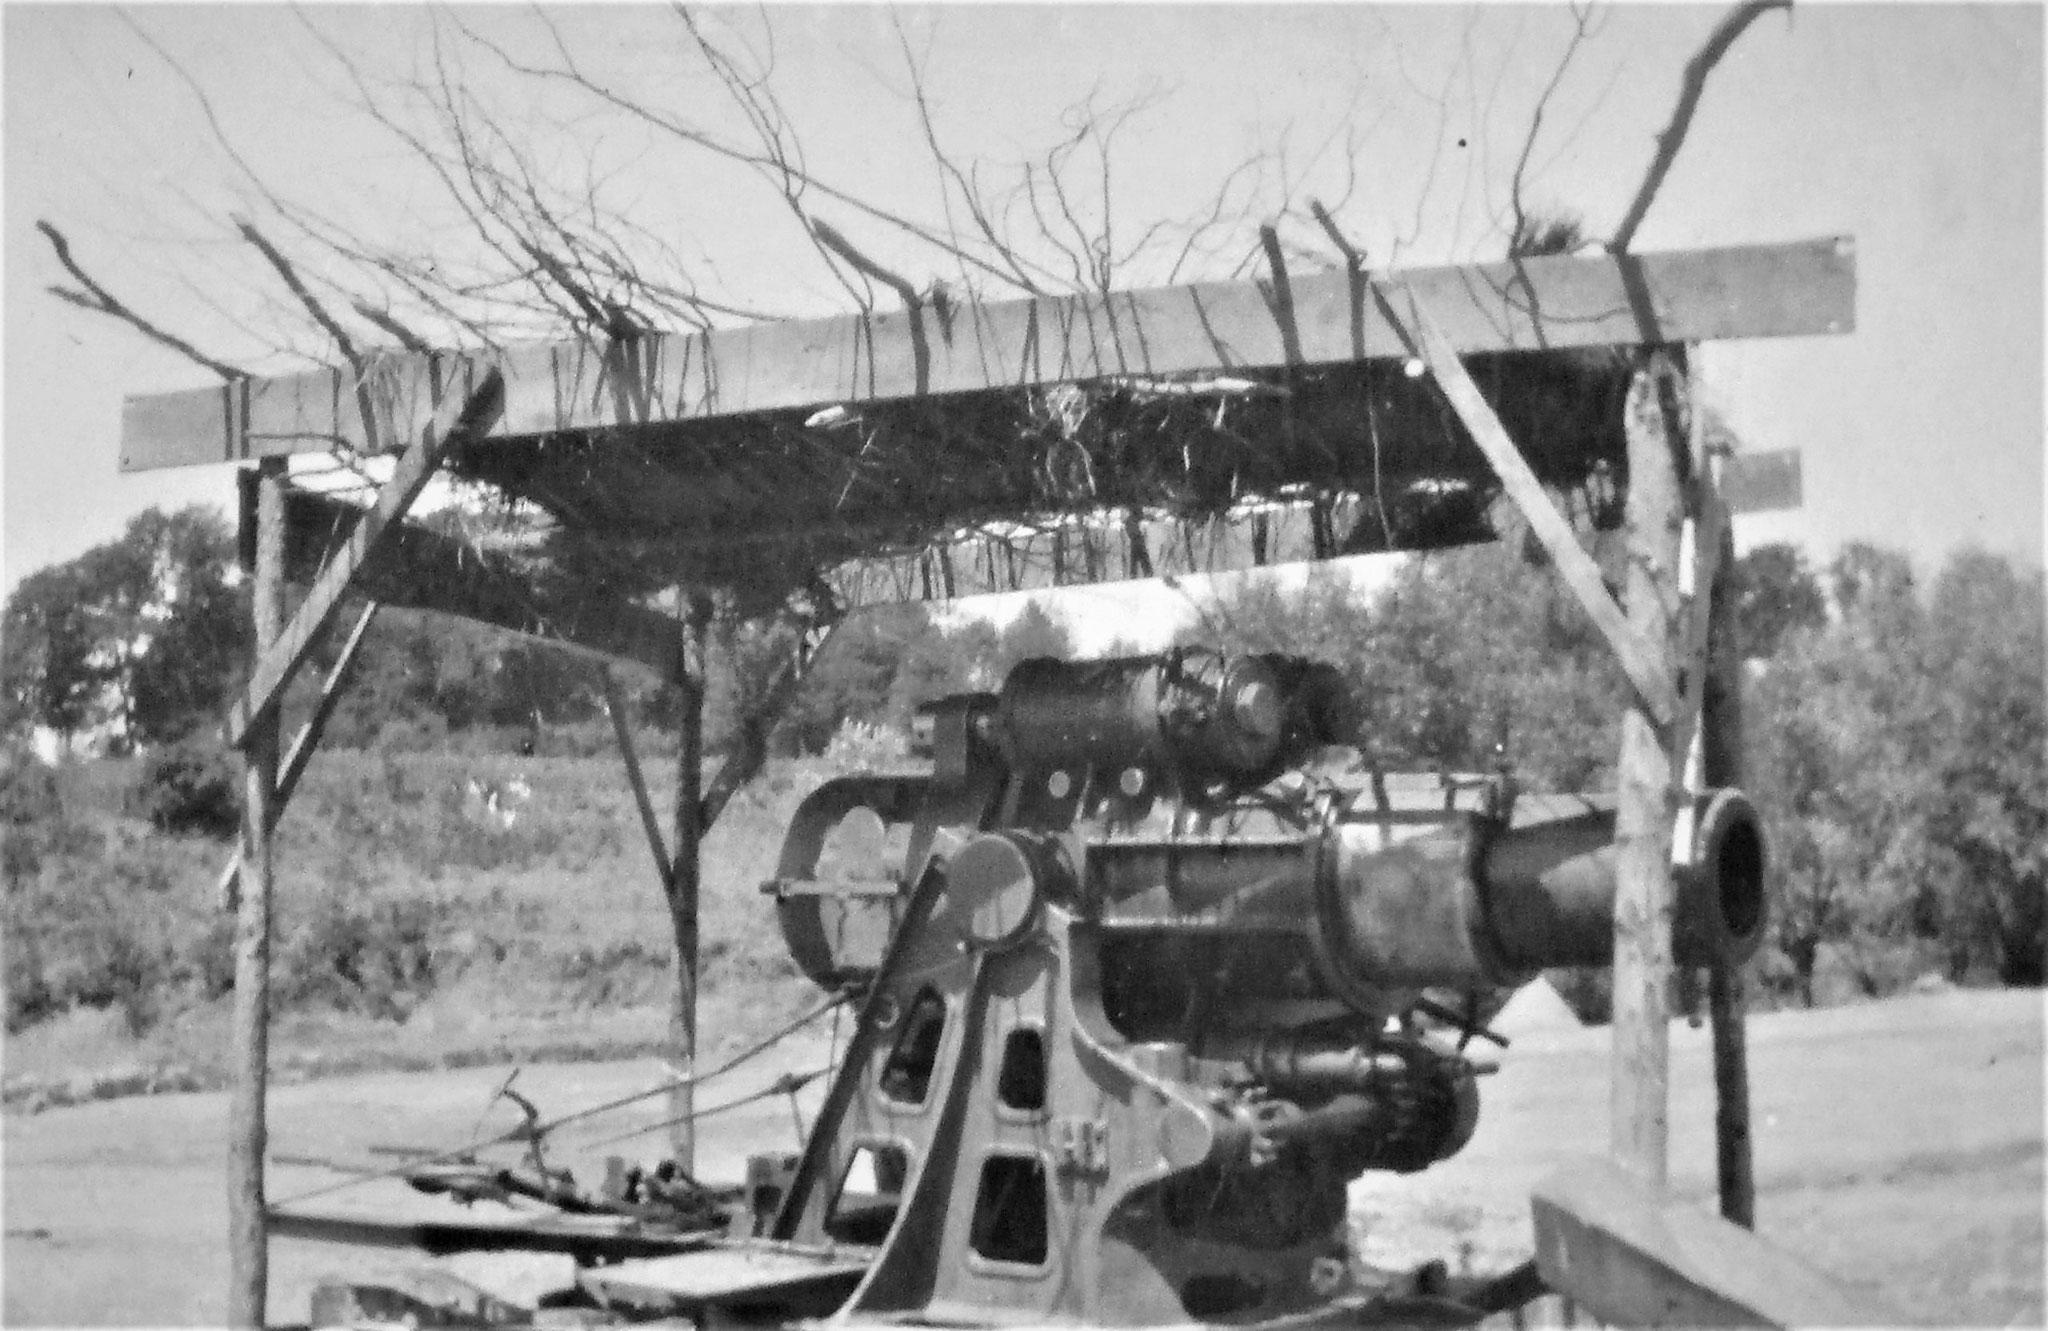 30,5 cm Mörser am Südende von  Potoczyska in Ladestellung gegen Flieger markiert.